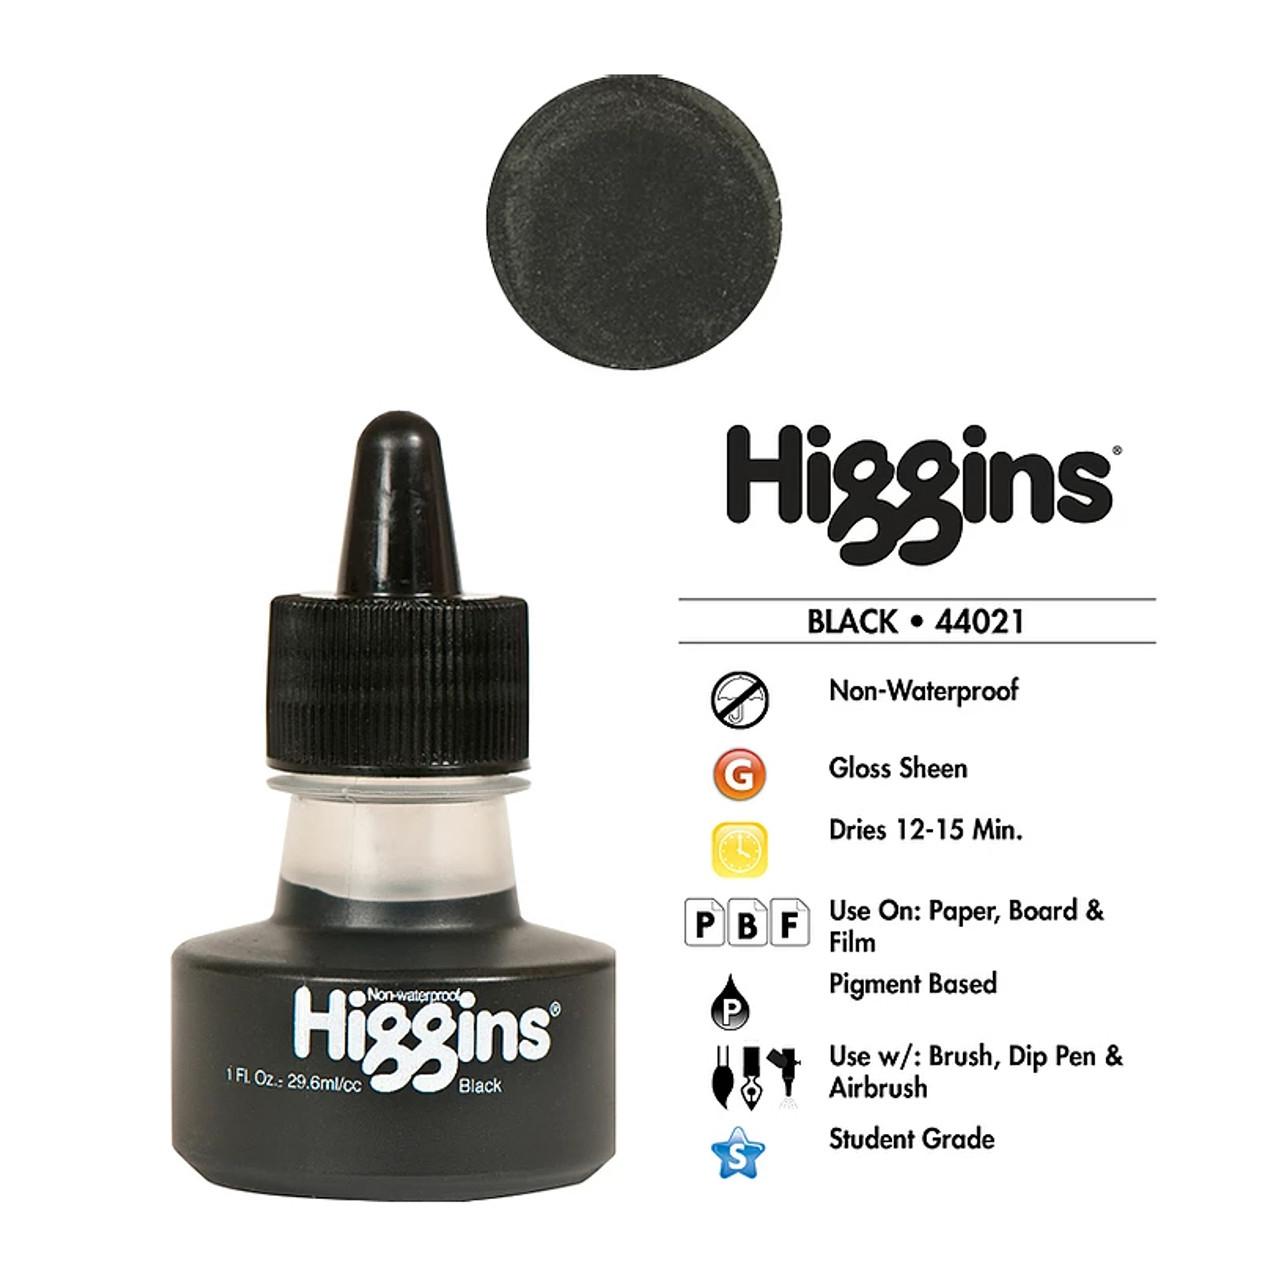 Higgins Black Non-Waterproof Ink 1oz